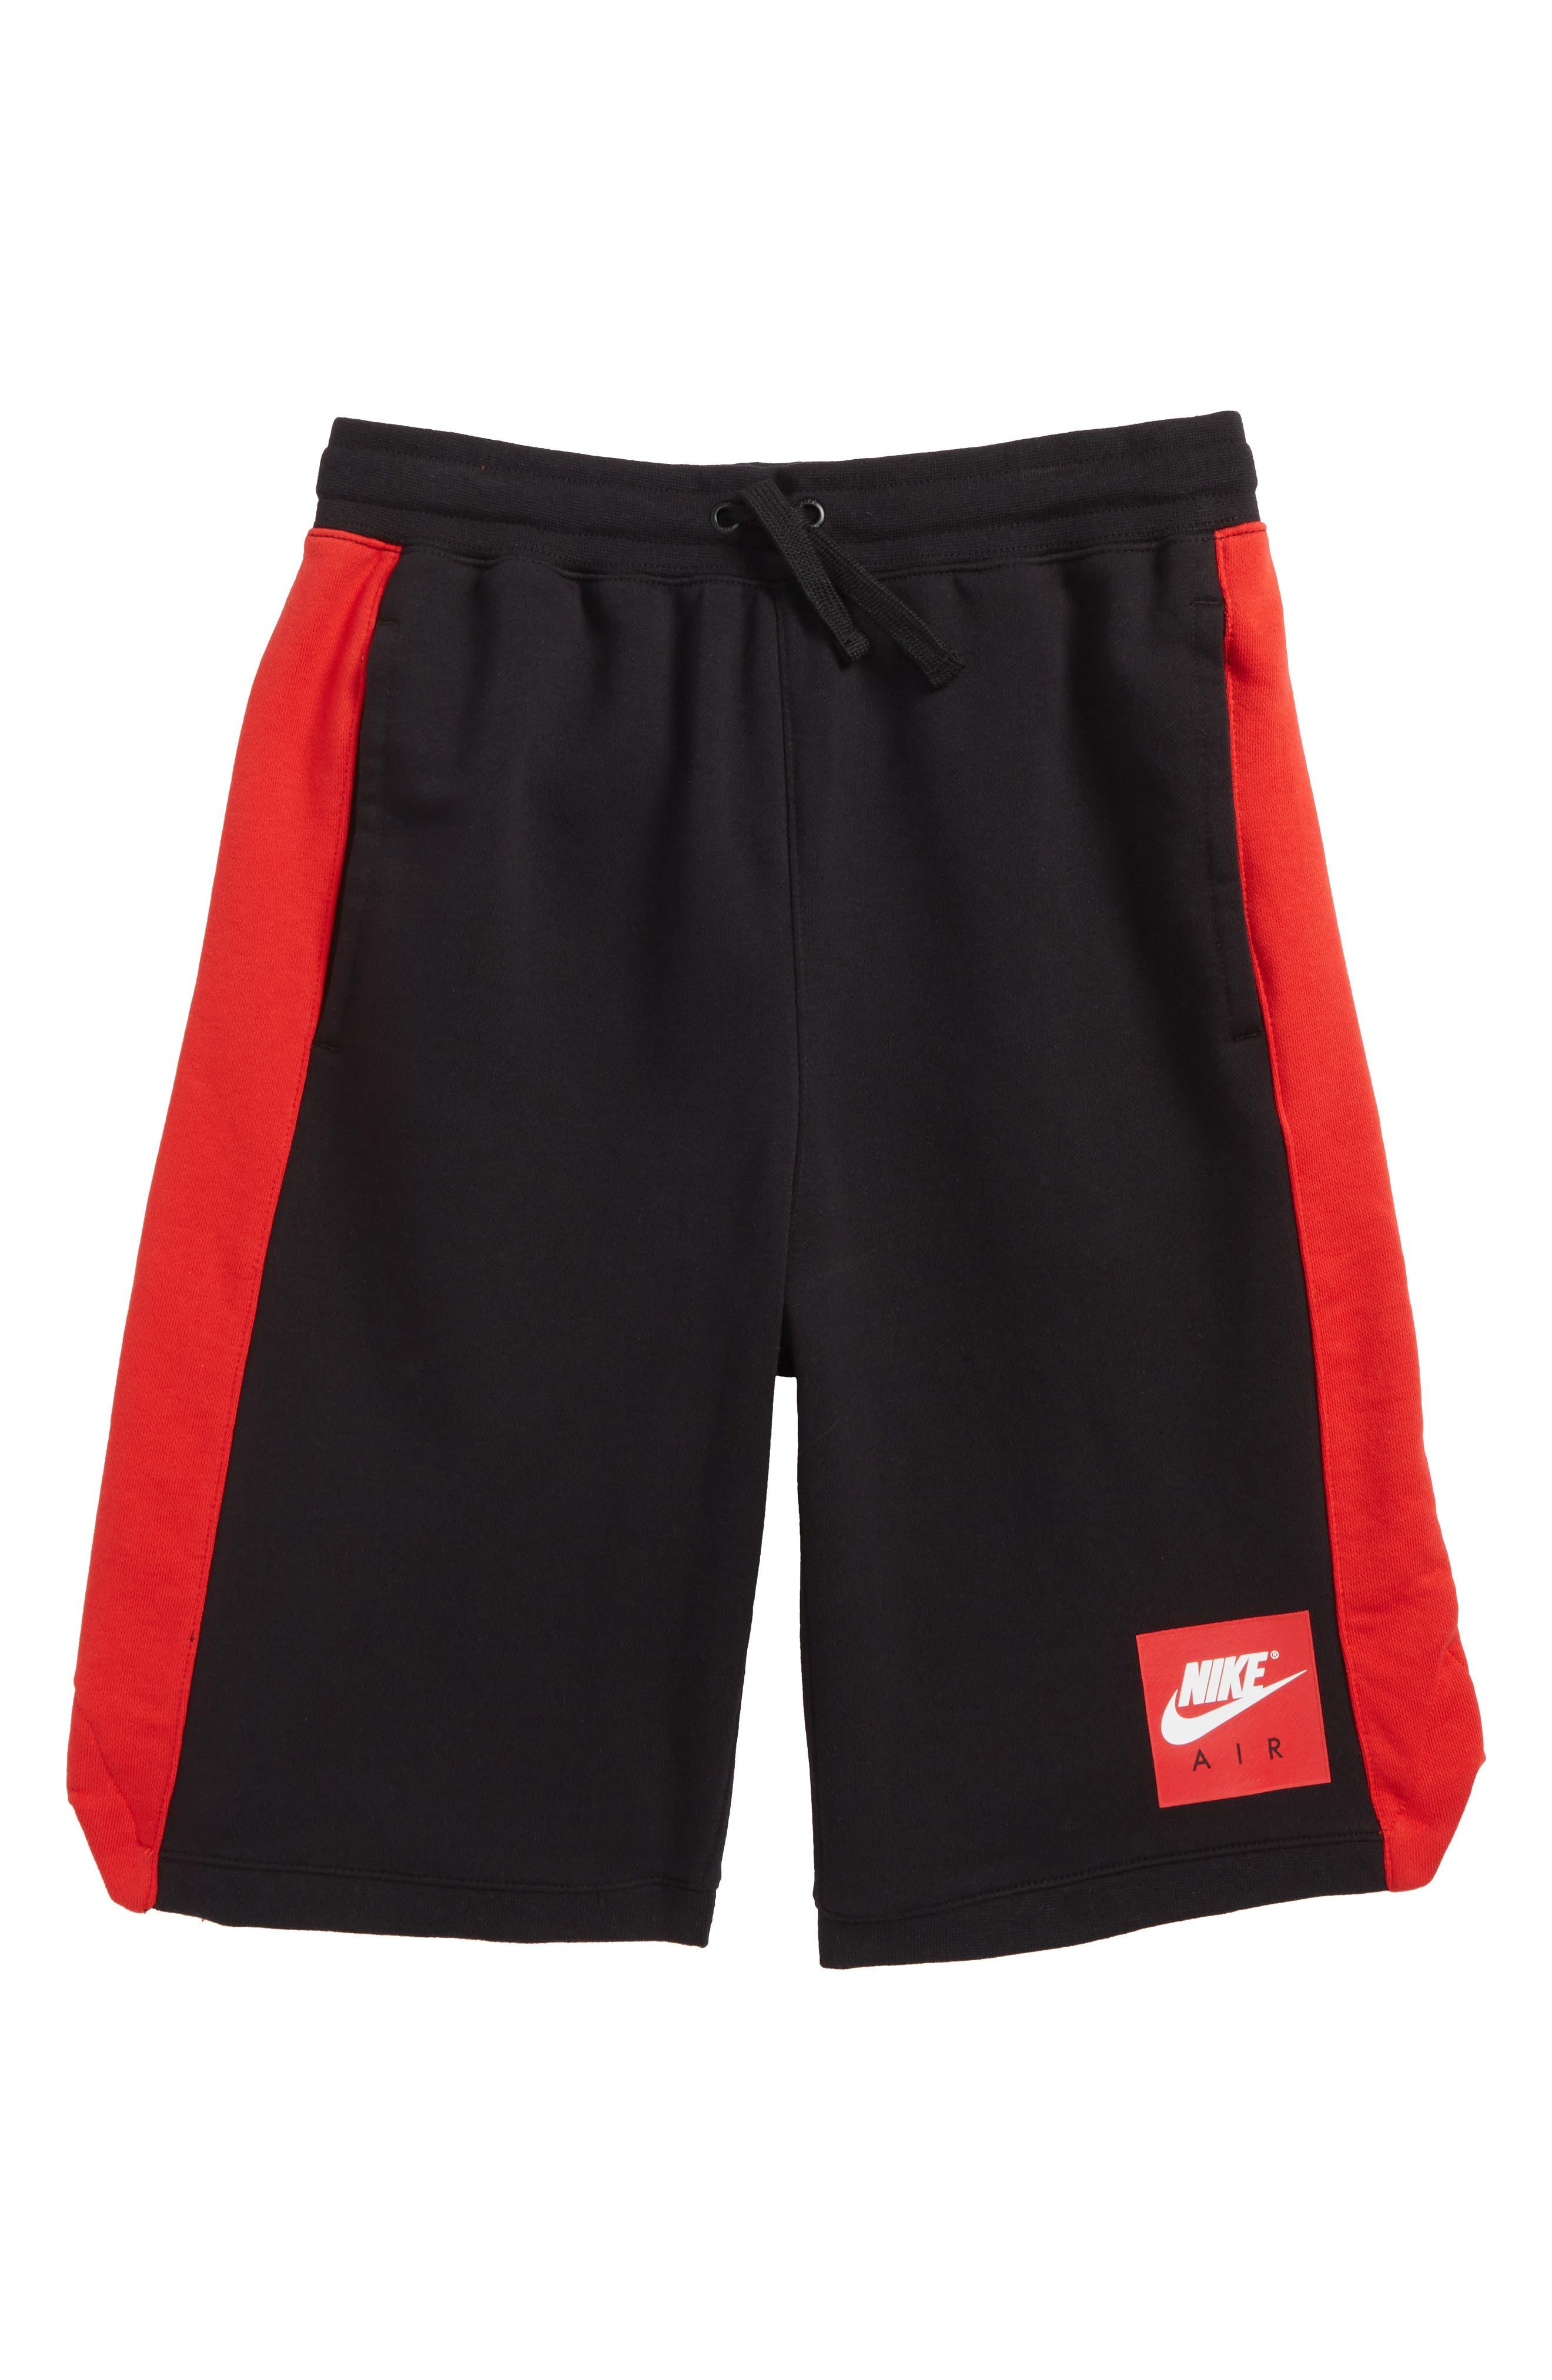 Air Shorts,                             Main thumbnail 1, color,                             Black/ University Red